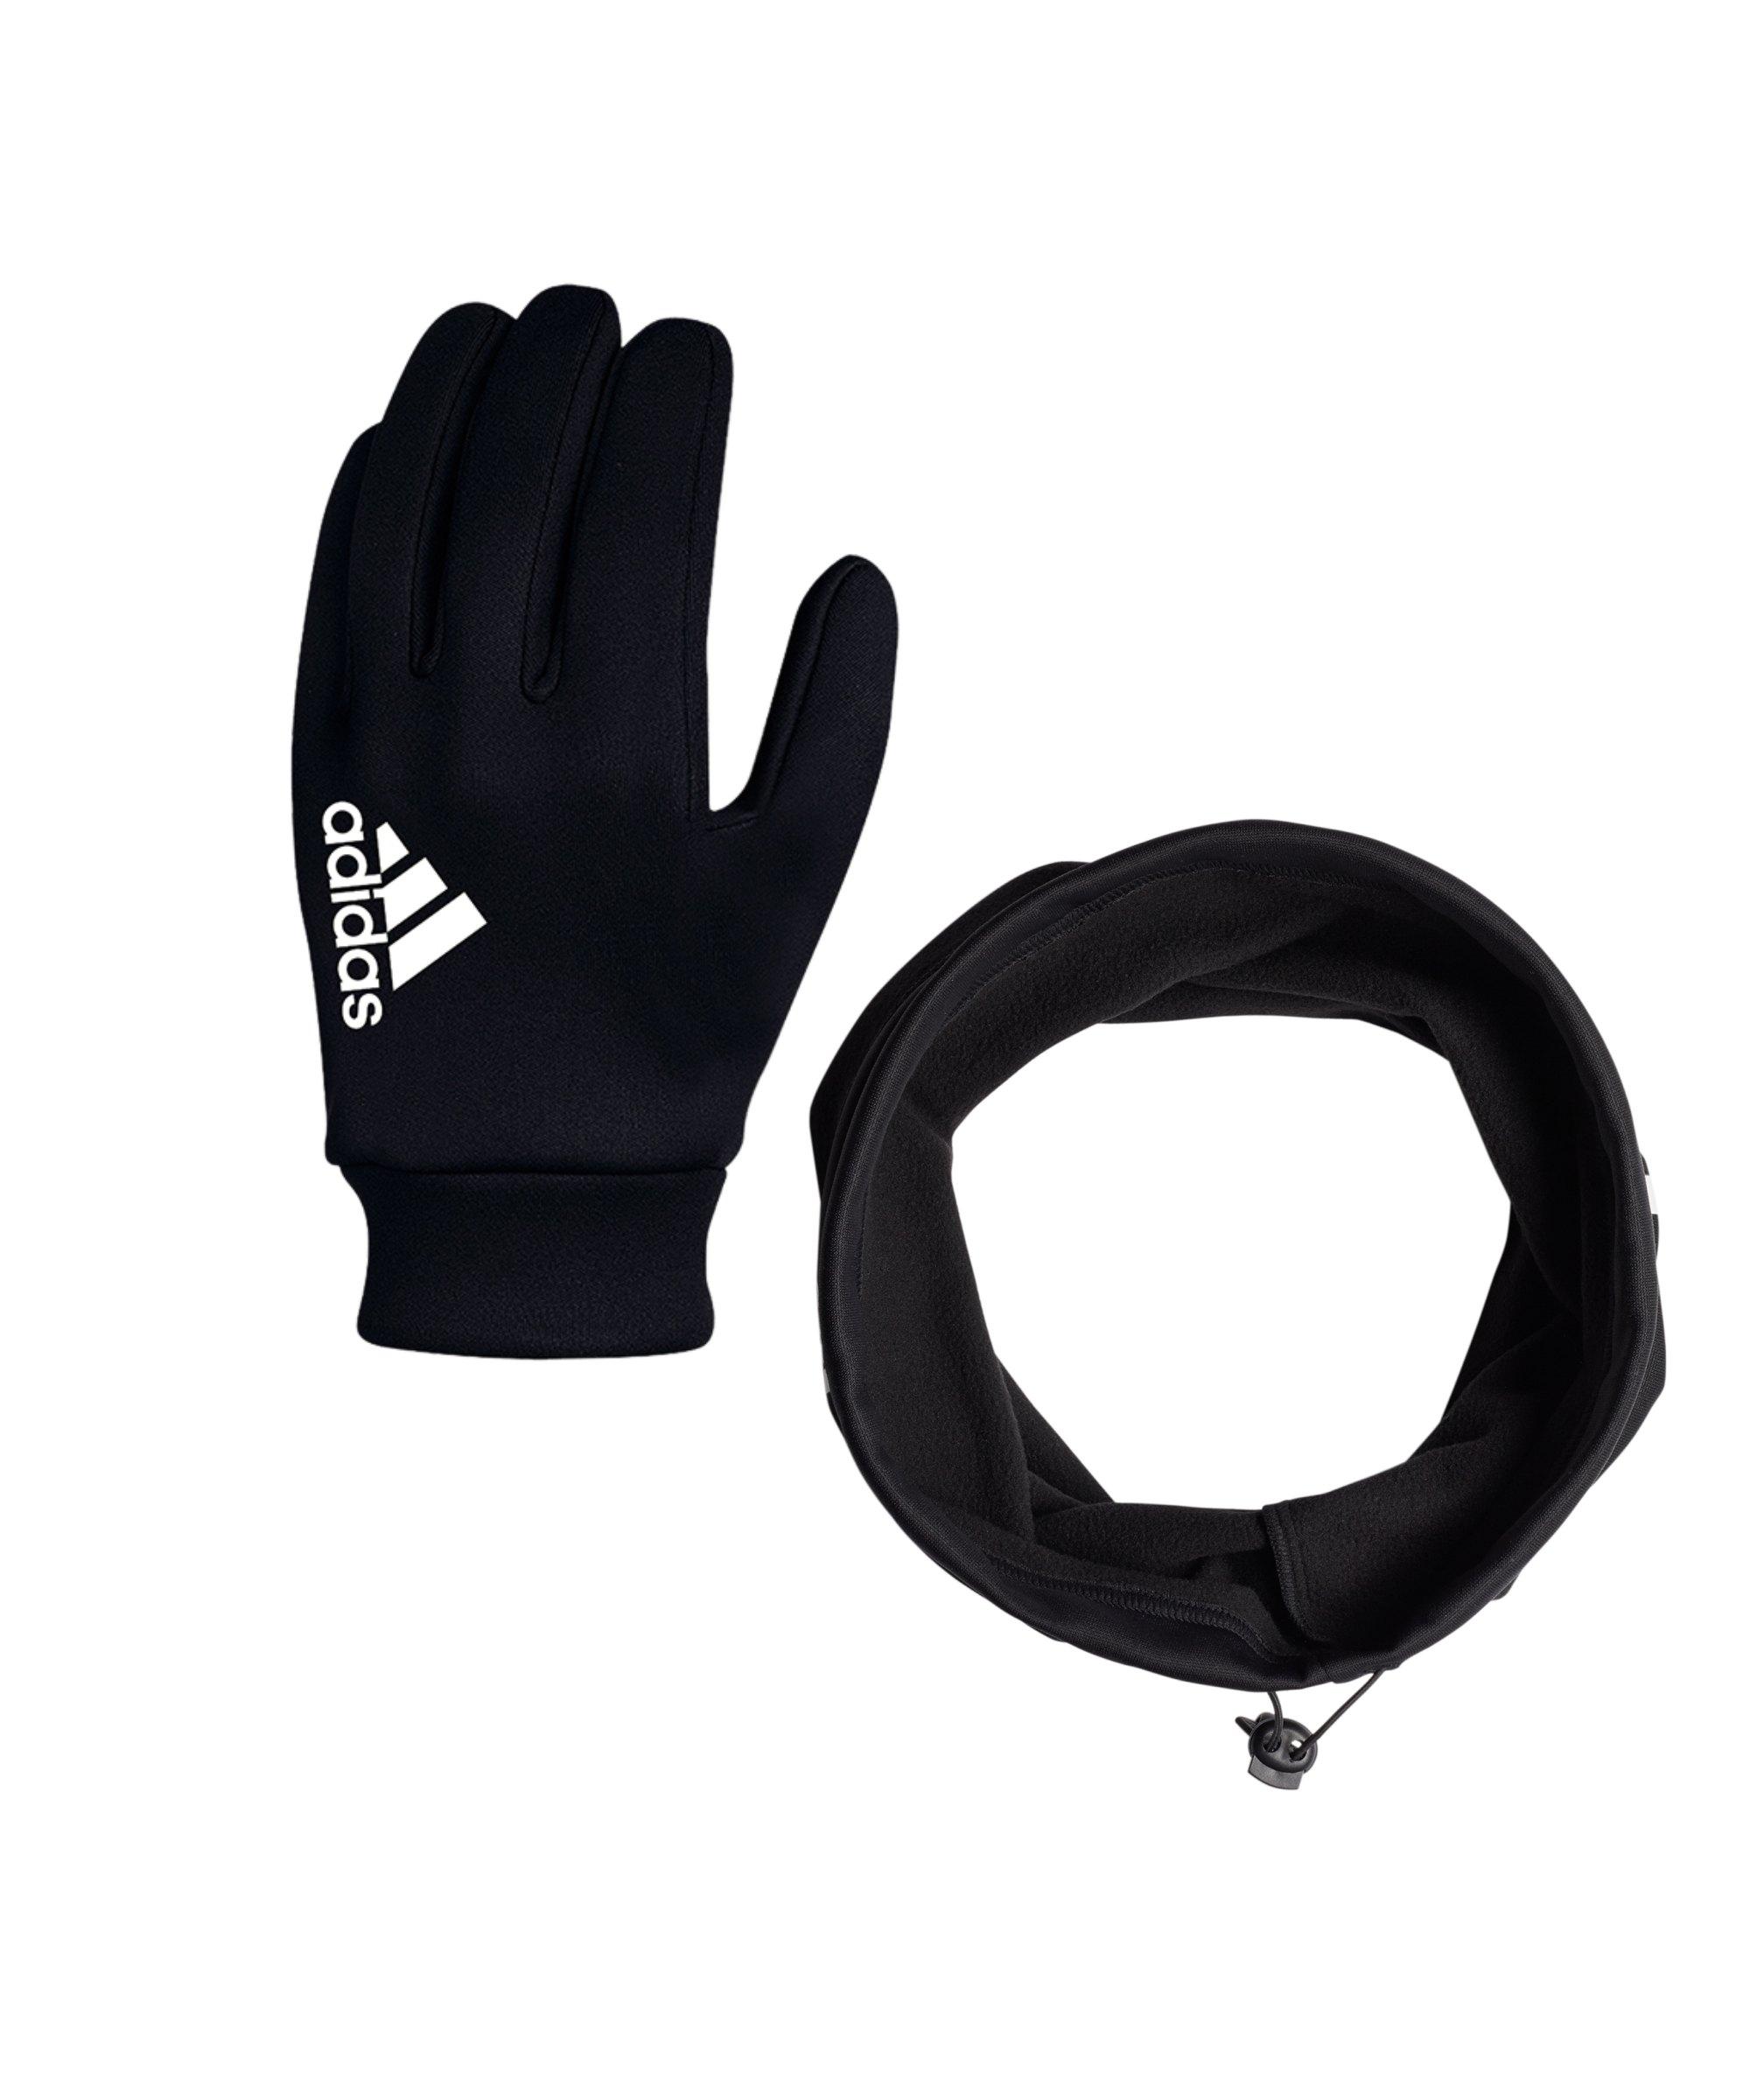 adidas 2er Winter Set Handschuh + Neckwarmer Schwarz - schwarz